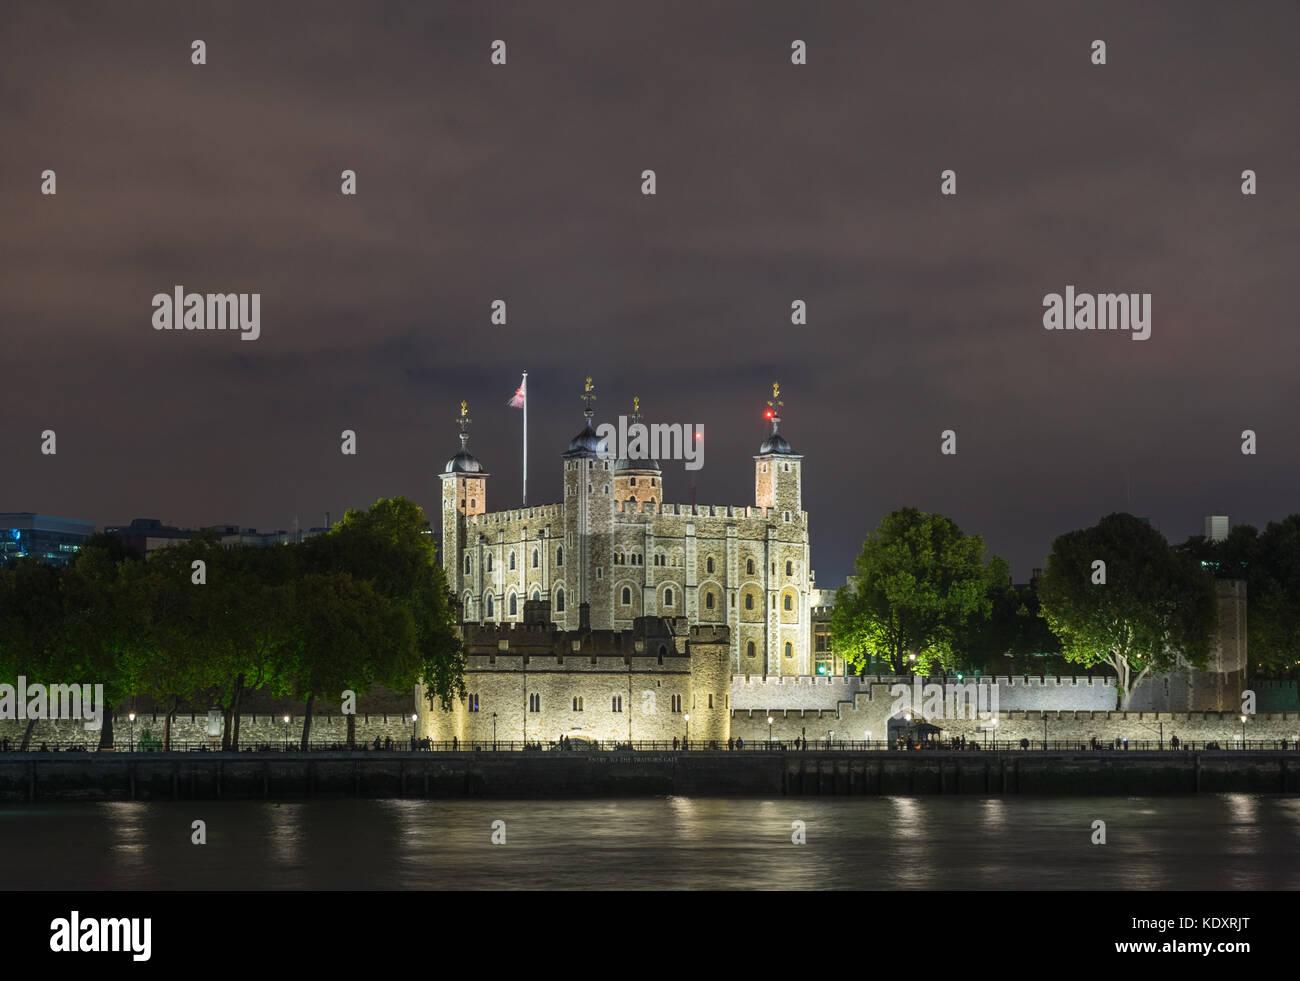 L'allumé Tour de Londres - un jalon historique building at night, City of London, England, UK Photo Stock